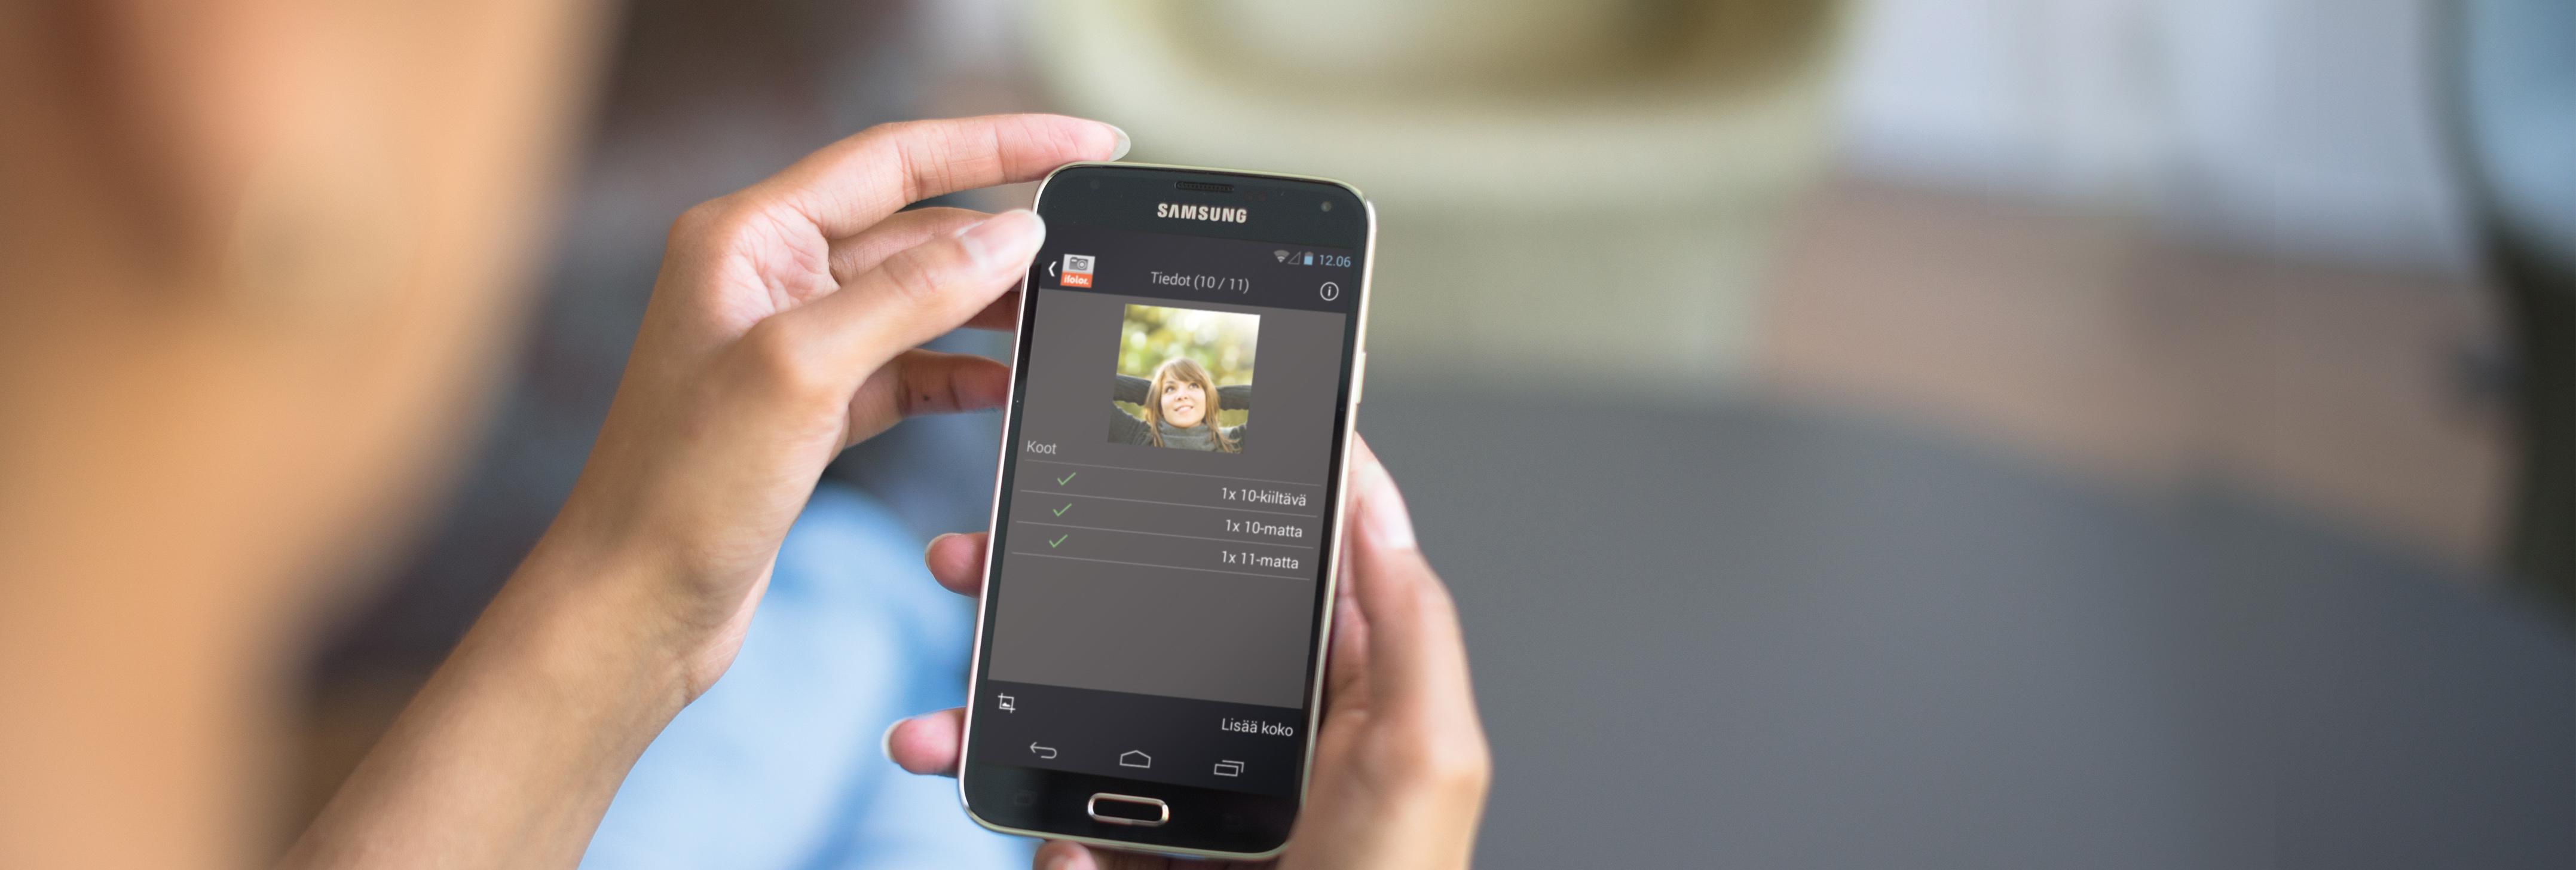 Tammen sähköinen kuvakirja AppStoreen ja Android Marketiin